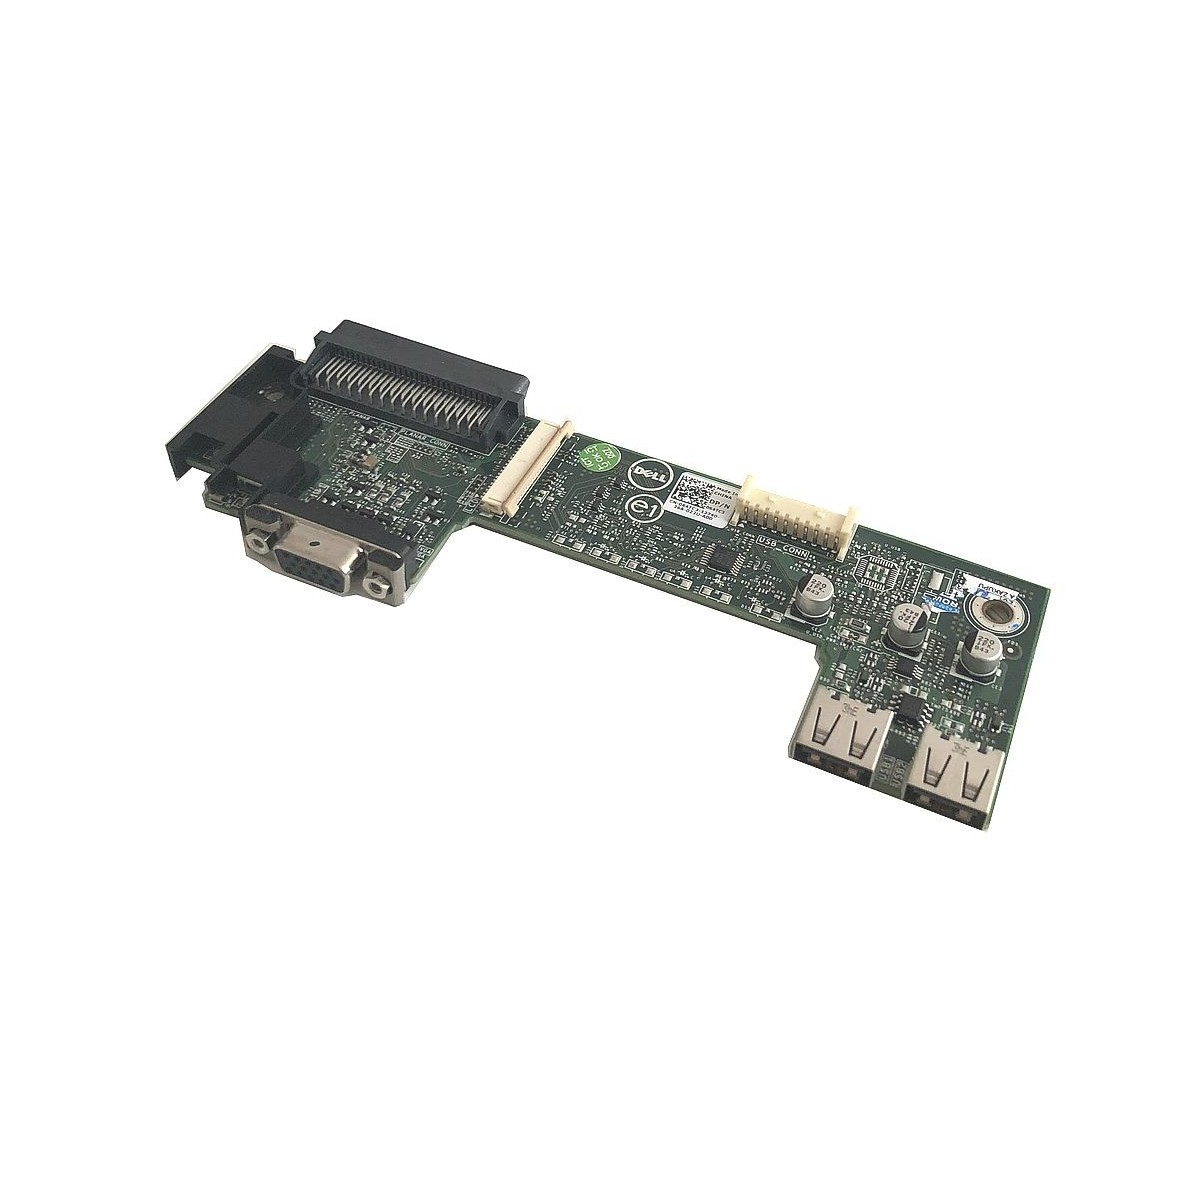 DELL 300GB SAS 15K 3G 3,5 DO 1950 2950 2900 H704F